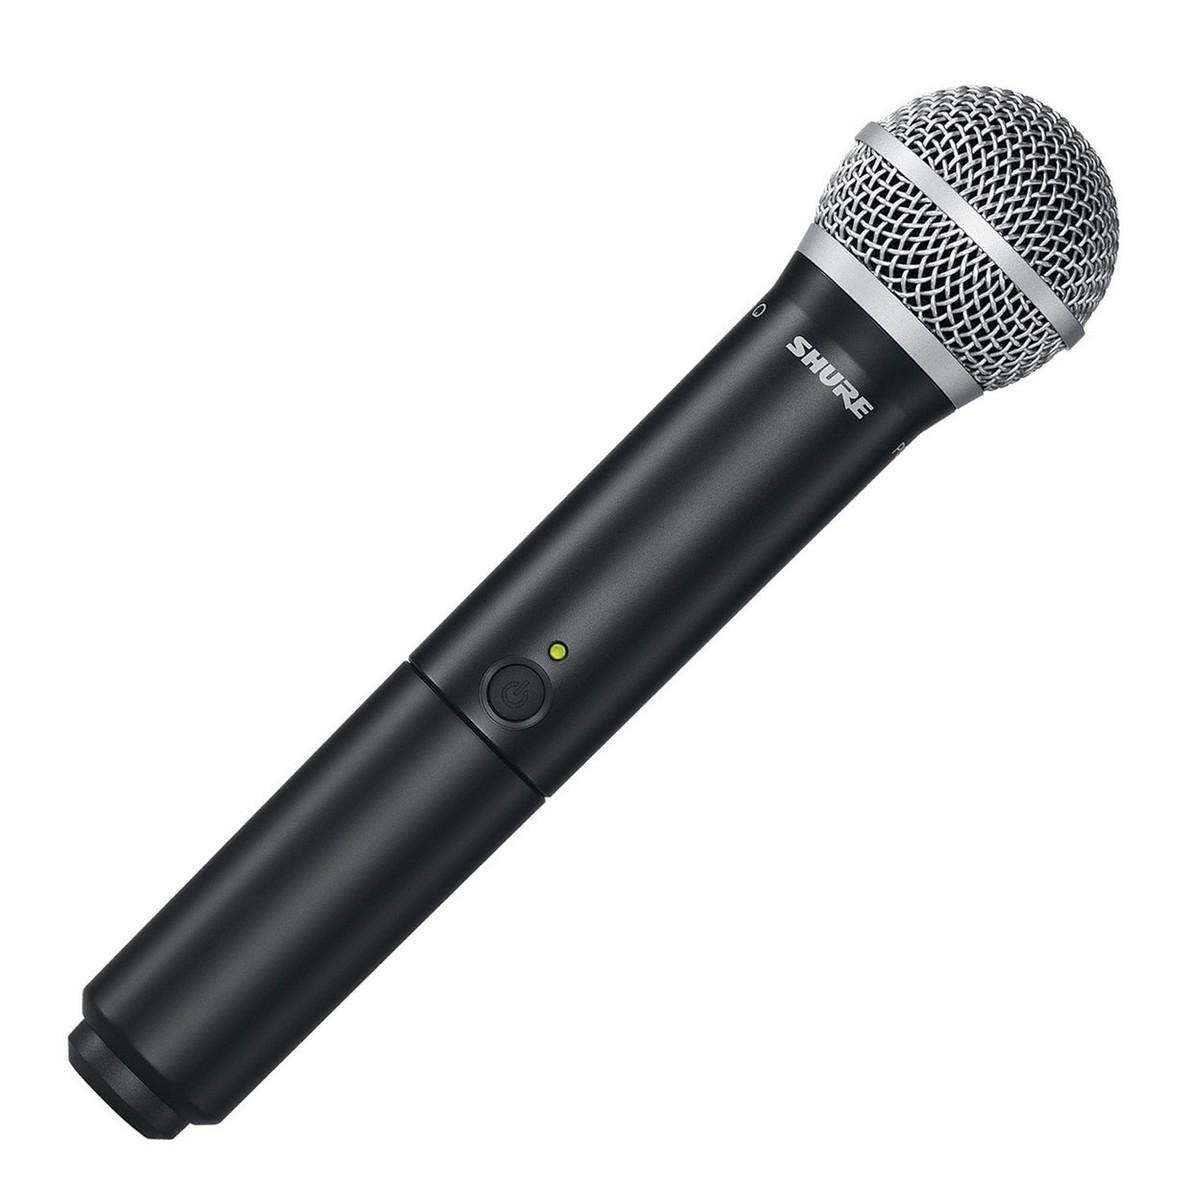 Aokeo Wireless Handheld Microphone : shure blx2 pg58 s8 wireless handheld microphone transmitter at gear4music ~ Hamham.info Haus und Dekorationen